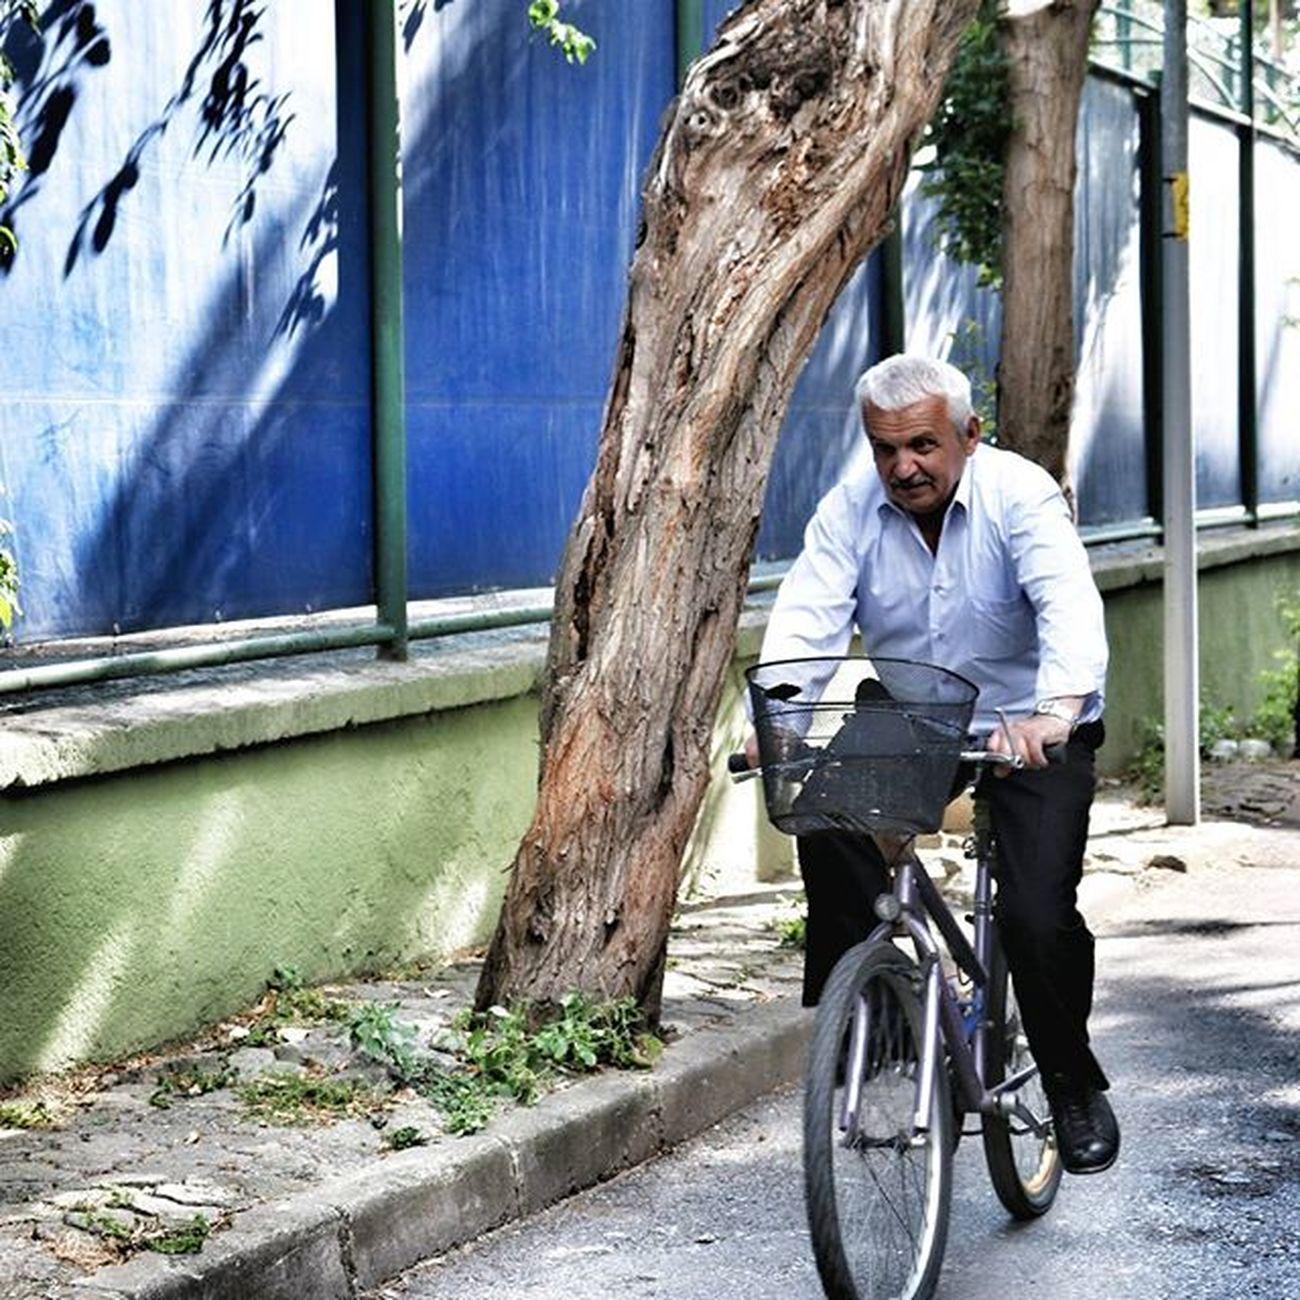 Aynı gün içinde saatten saate değişiriz.Kaygısız bir çocuk,hırslı bir genç,uslanmış bir yaşlı adam ve biçare bir ihtiyar olabiliriz.Aynı yirmi dört saat içinde yalnız kalmaya susar,başkalarıyla görüşmeye acıkırız. Happiness Ig_today Ig_euroasia Man Cycling Ontheroad